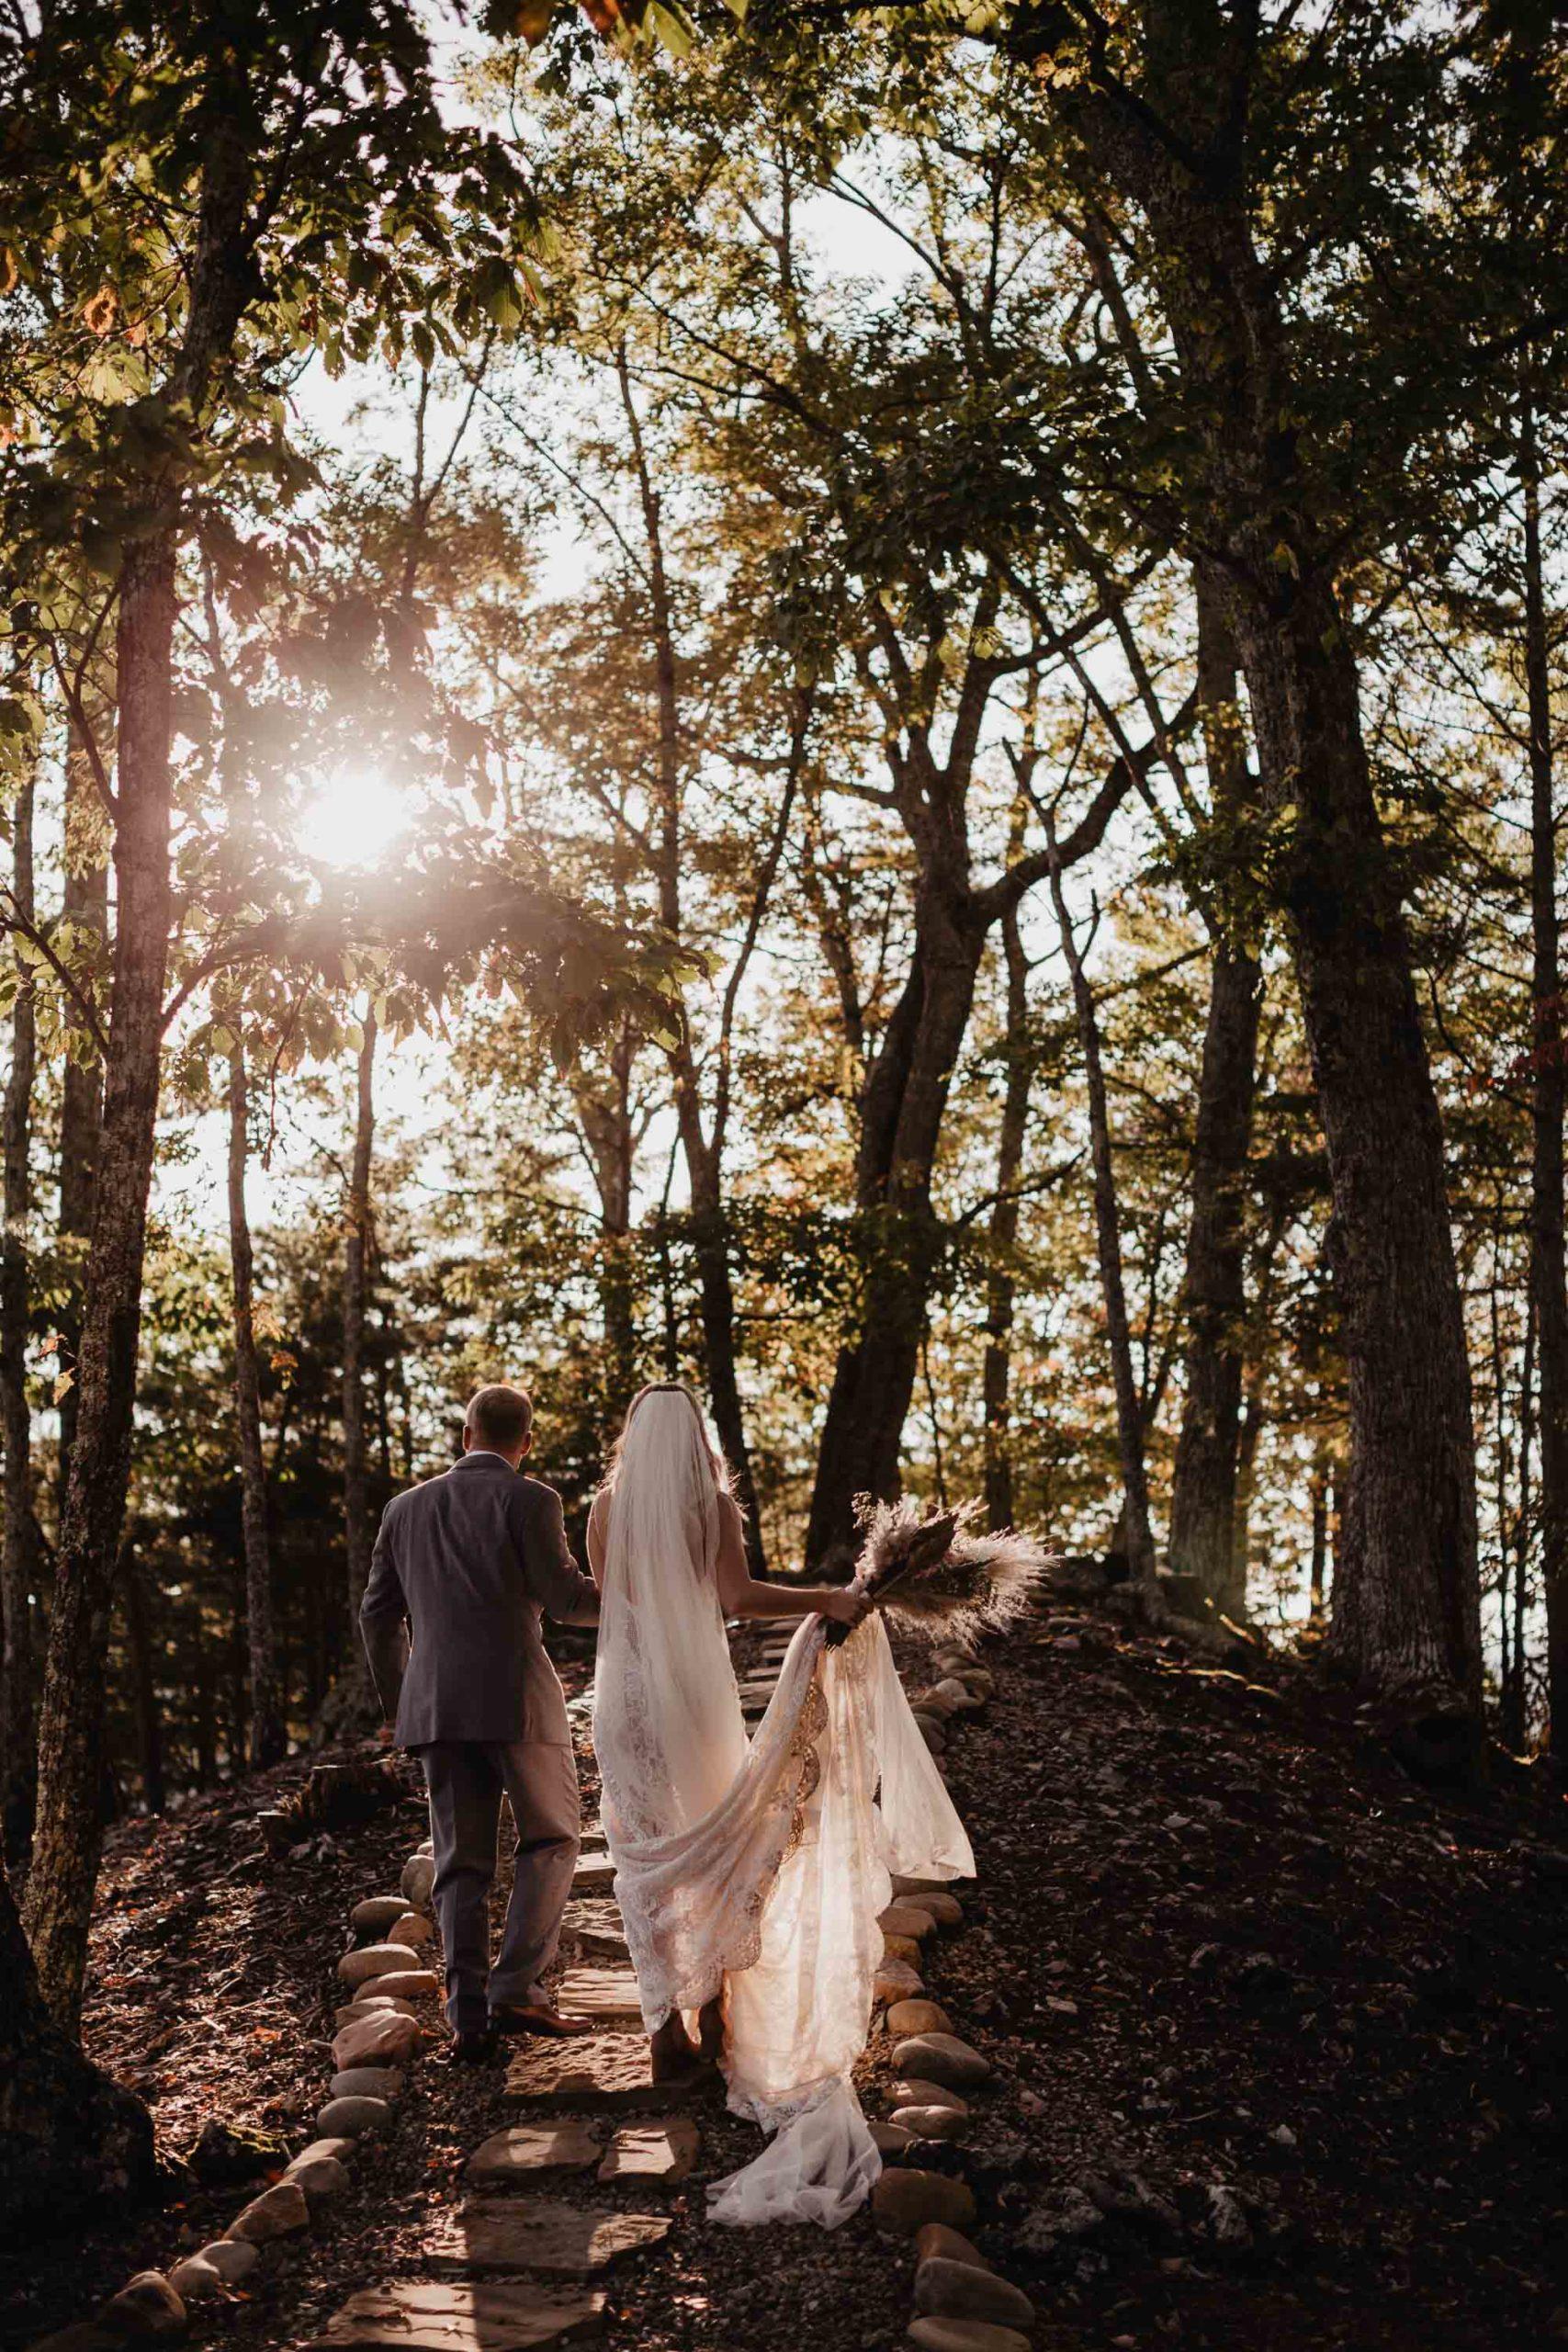 sunset golden hour wedding photos